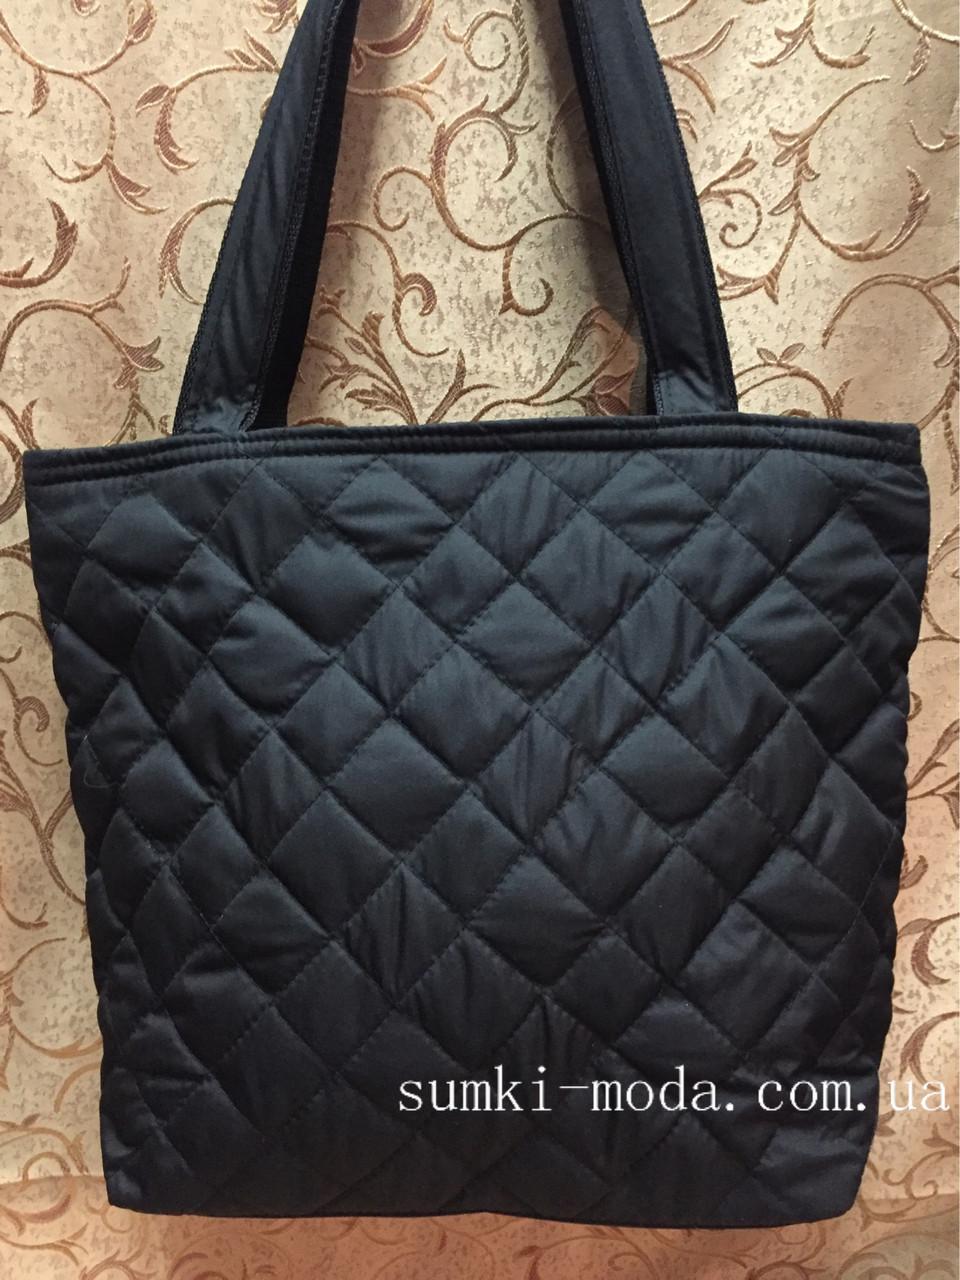 97b52cd3e032 Женские сумка стеганная черный(31*38-малый) Стильная/сумка стеганная:  продажа, цена в Харькове. женские сумочки и клатчи от